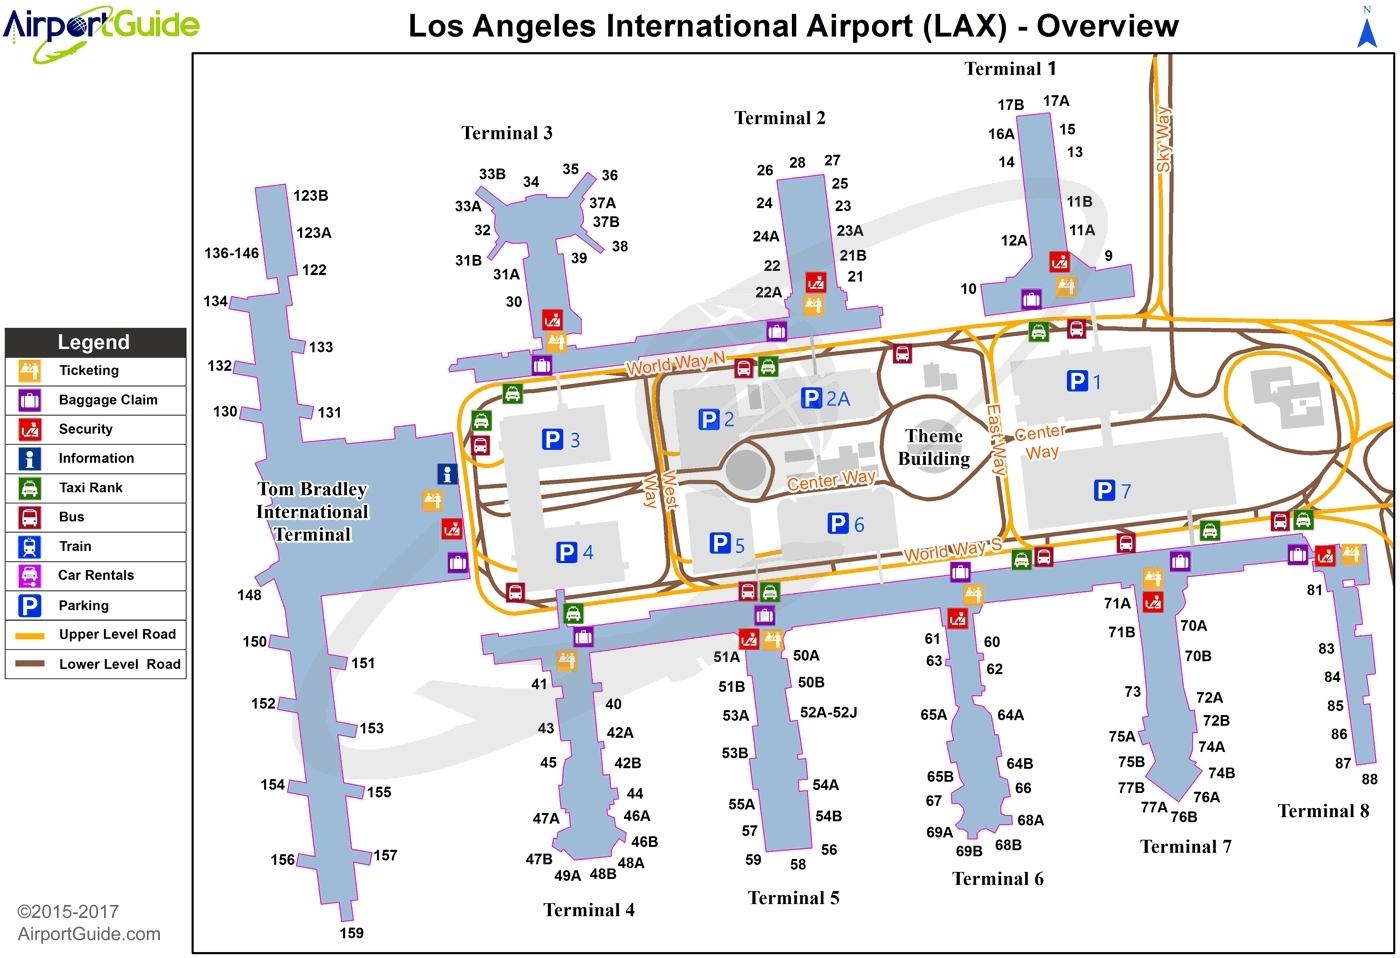 Lax Terminal Map - Pinotglobal regarding Miami Terminal N Map